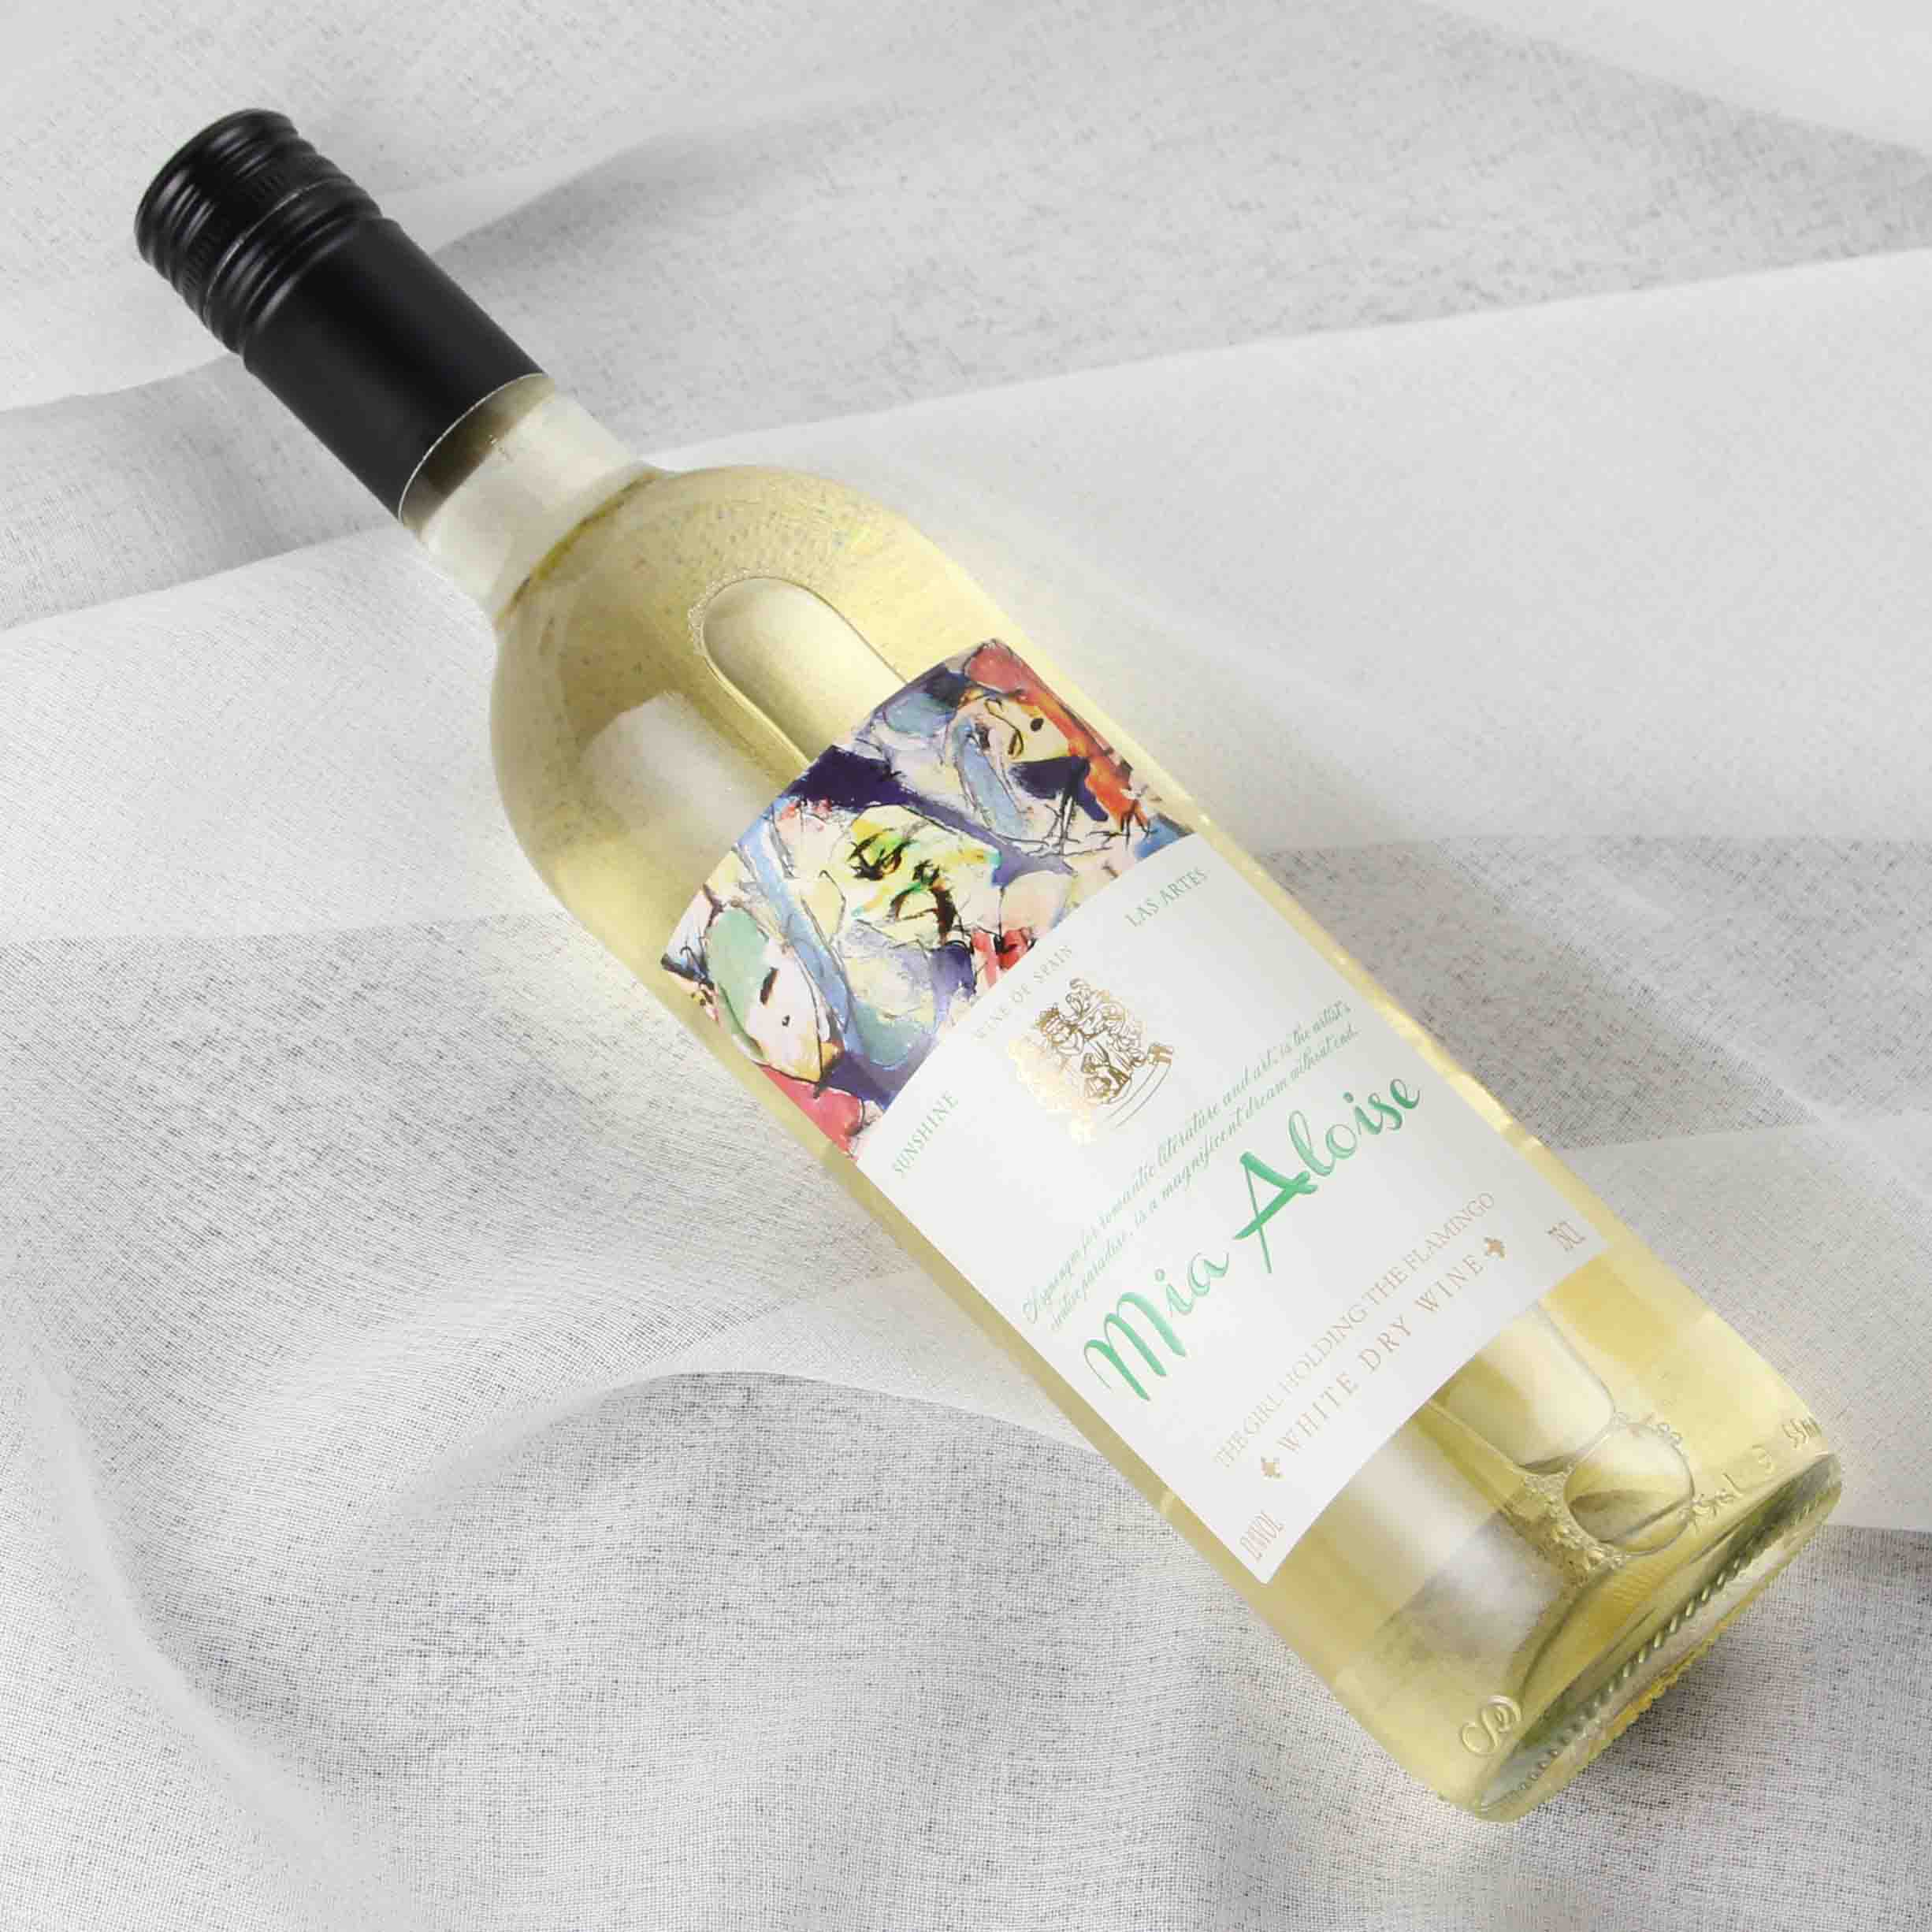 西班牙米雅爱丽丝干白葡萄酒